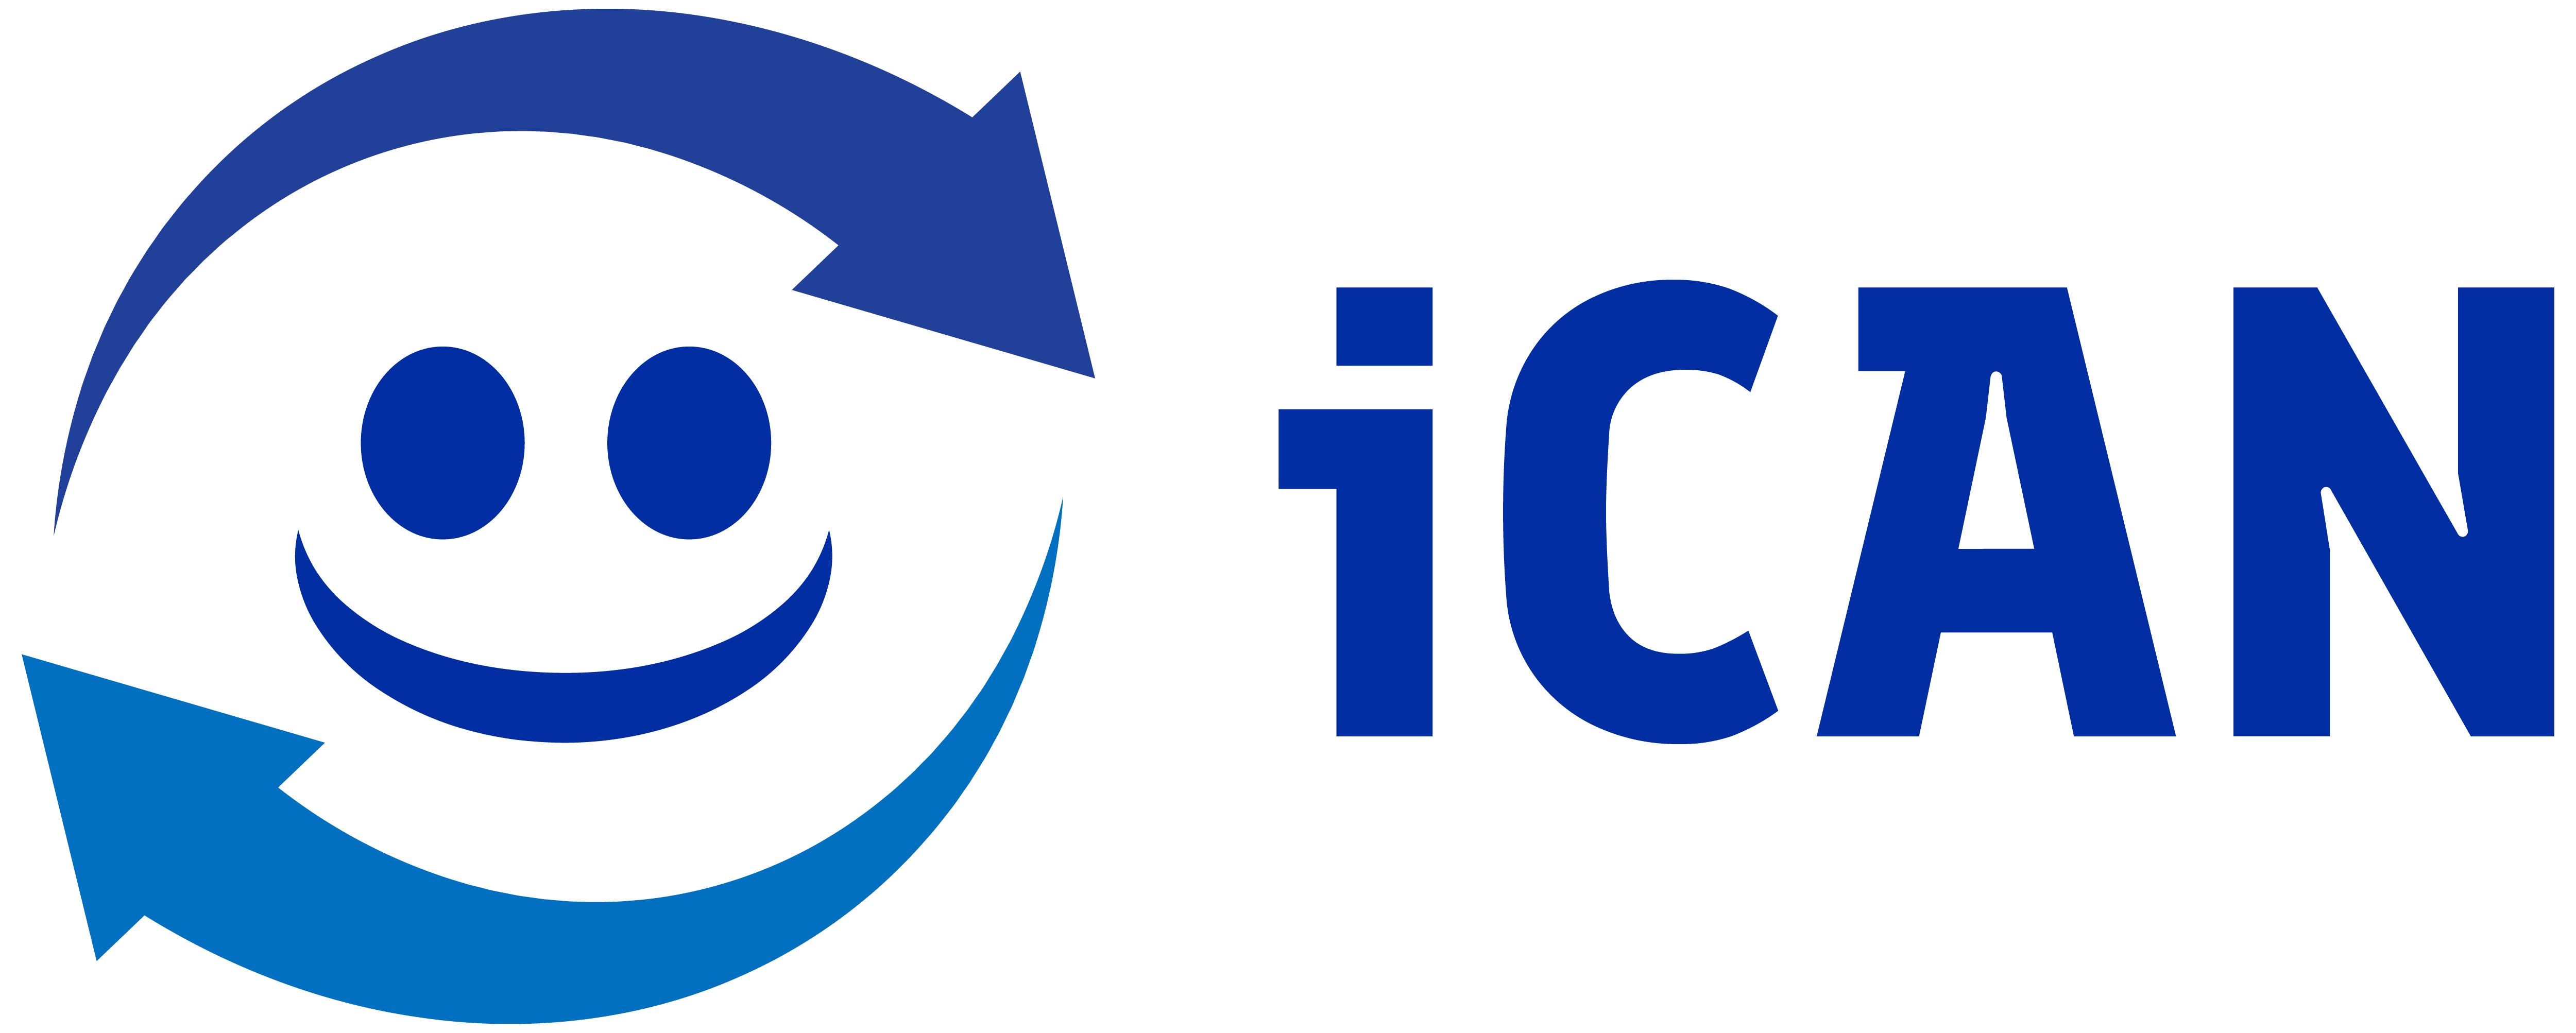 ican_logo_vaaka-01.jpg (580 KB)